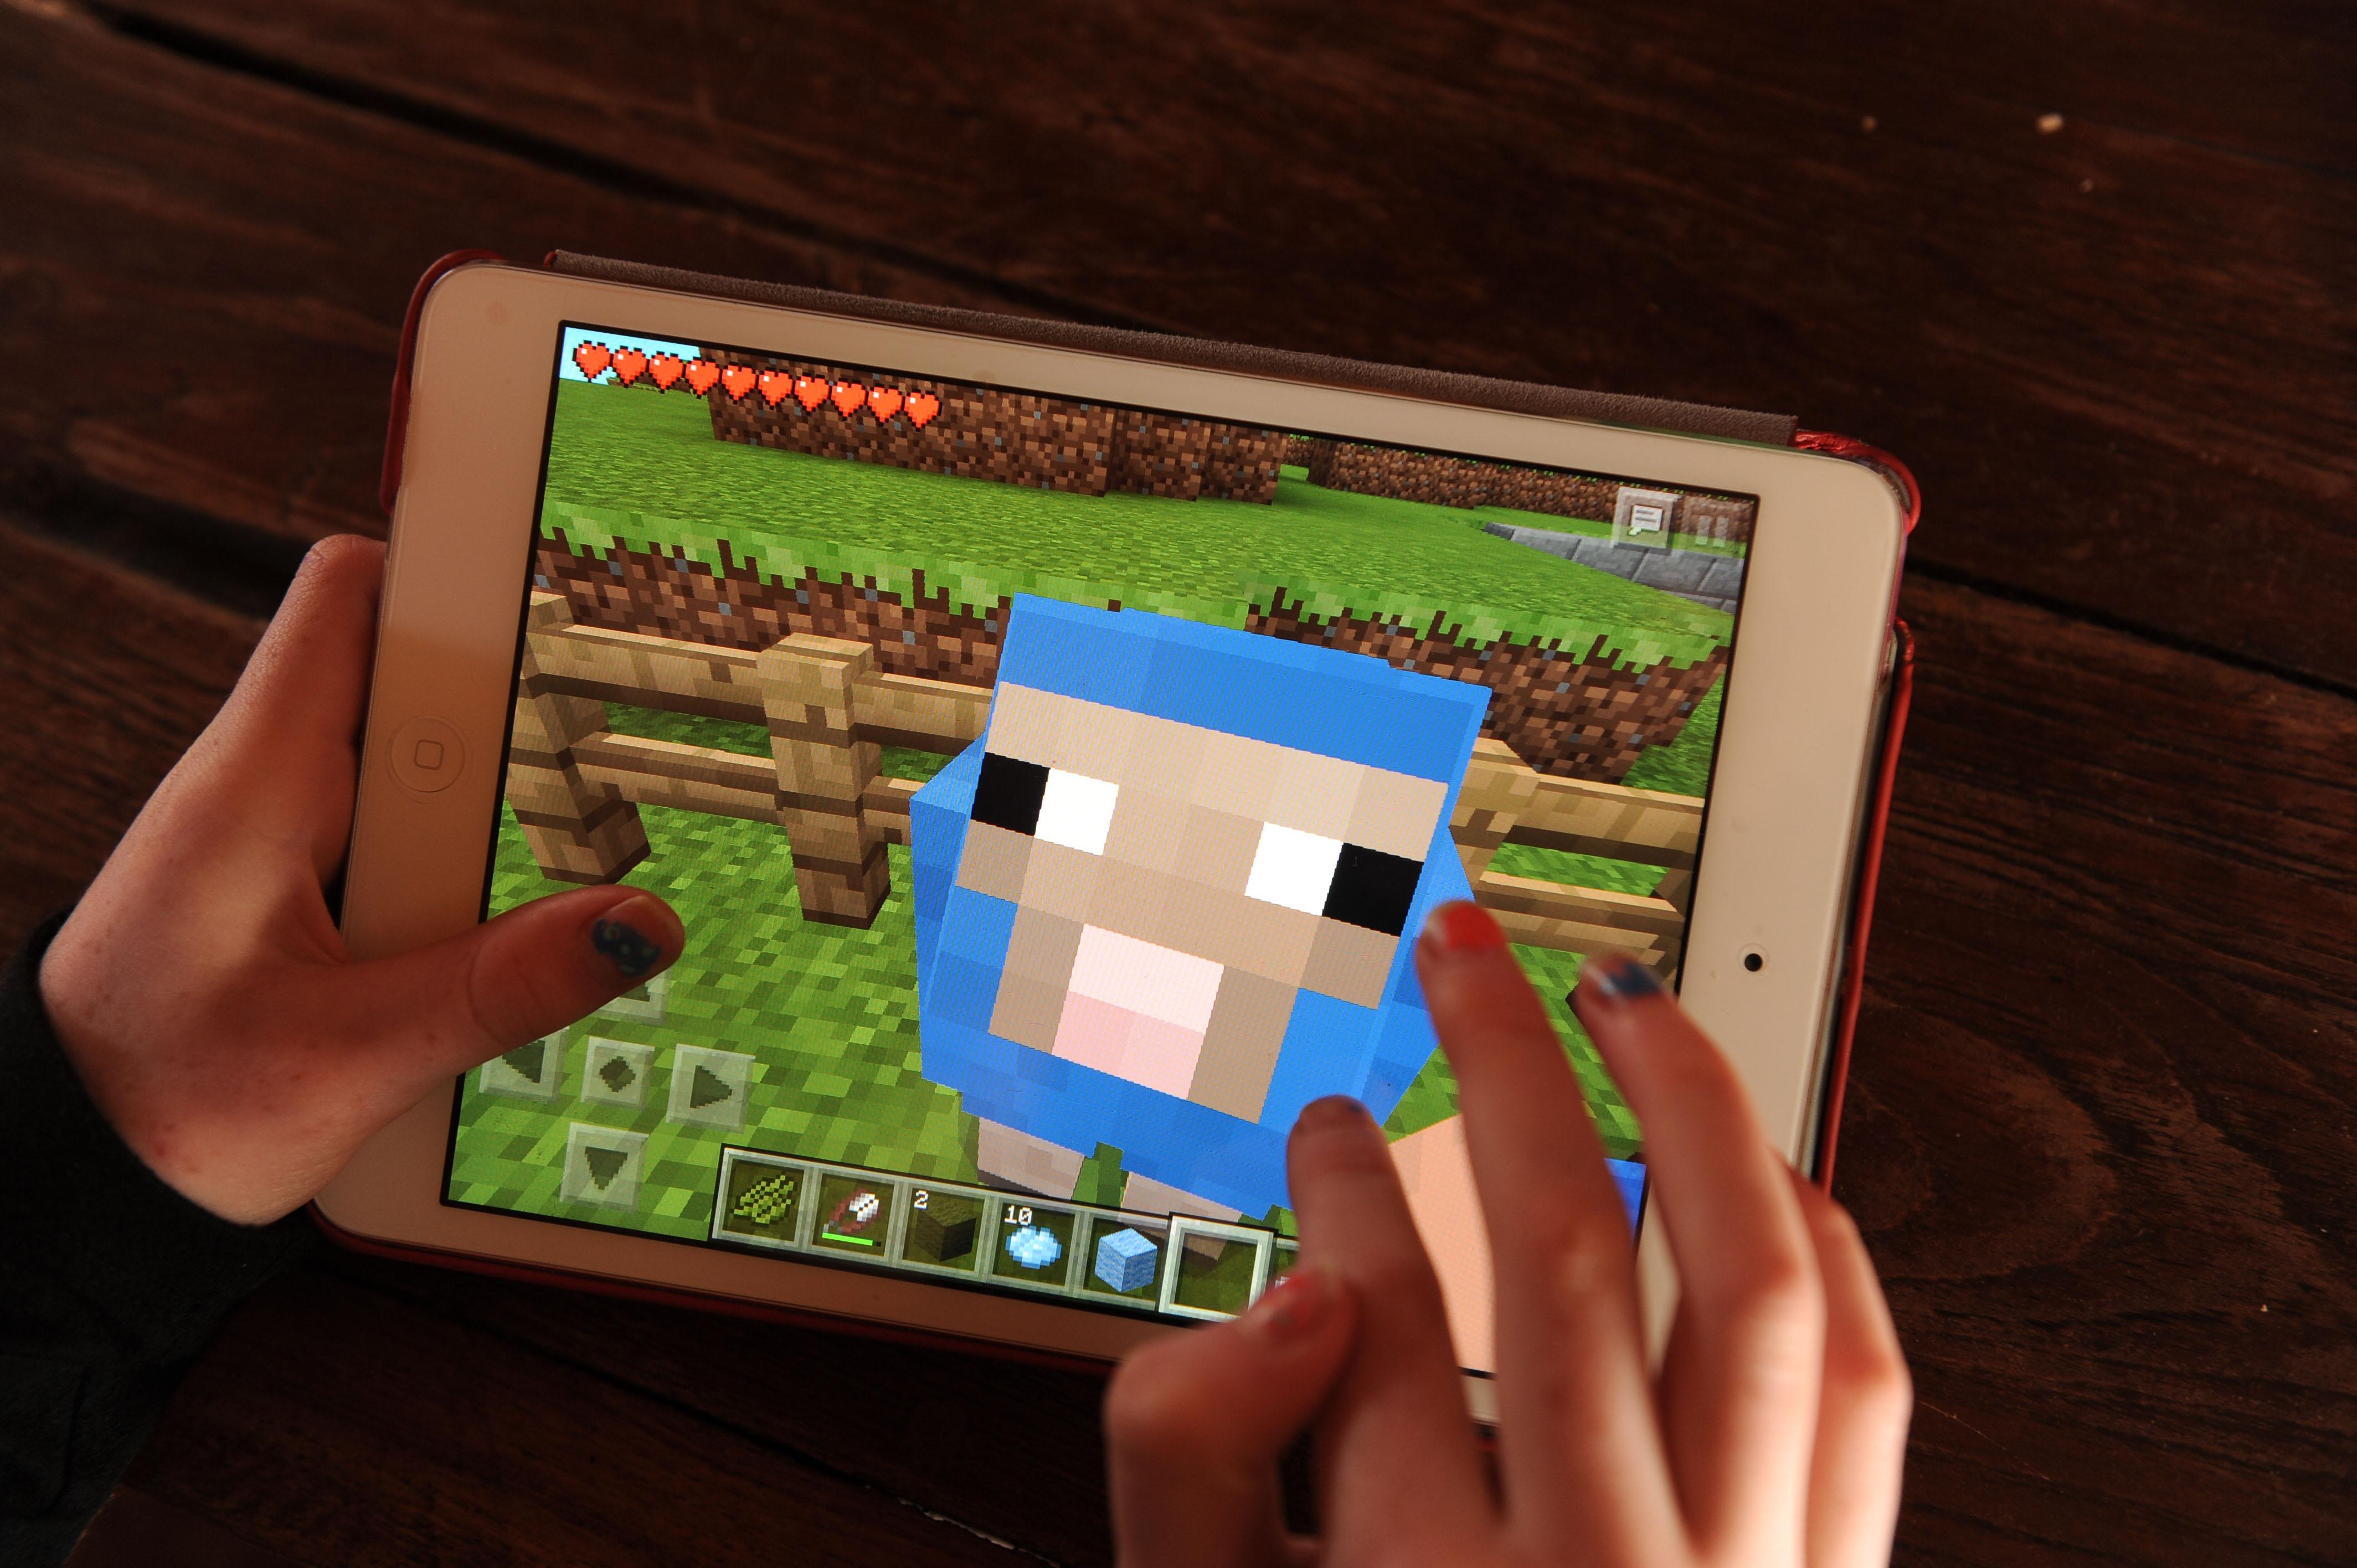 Minecraft on an Apple iPad